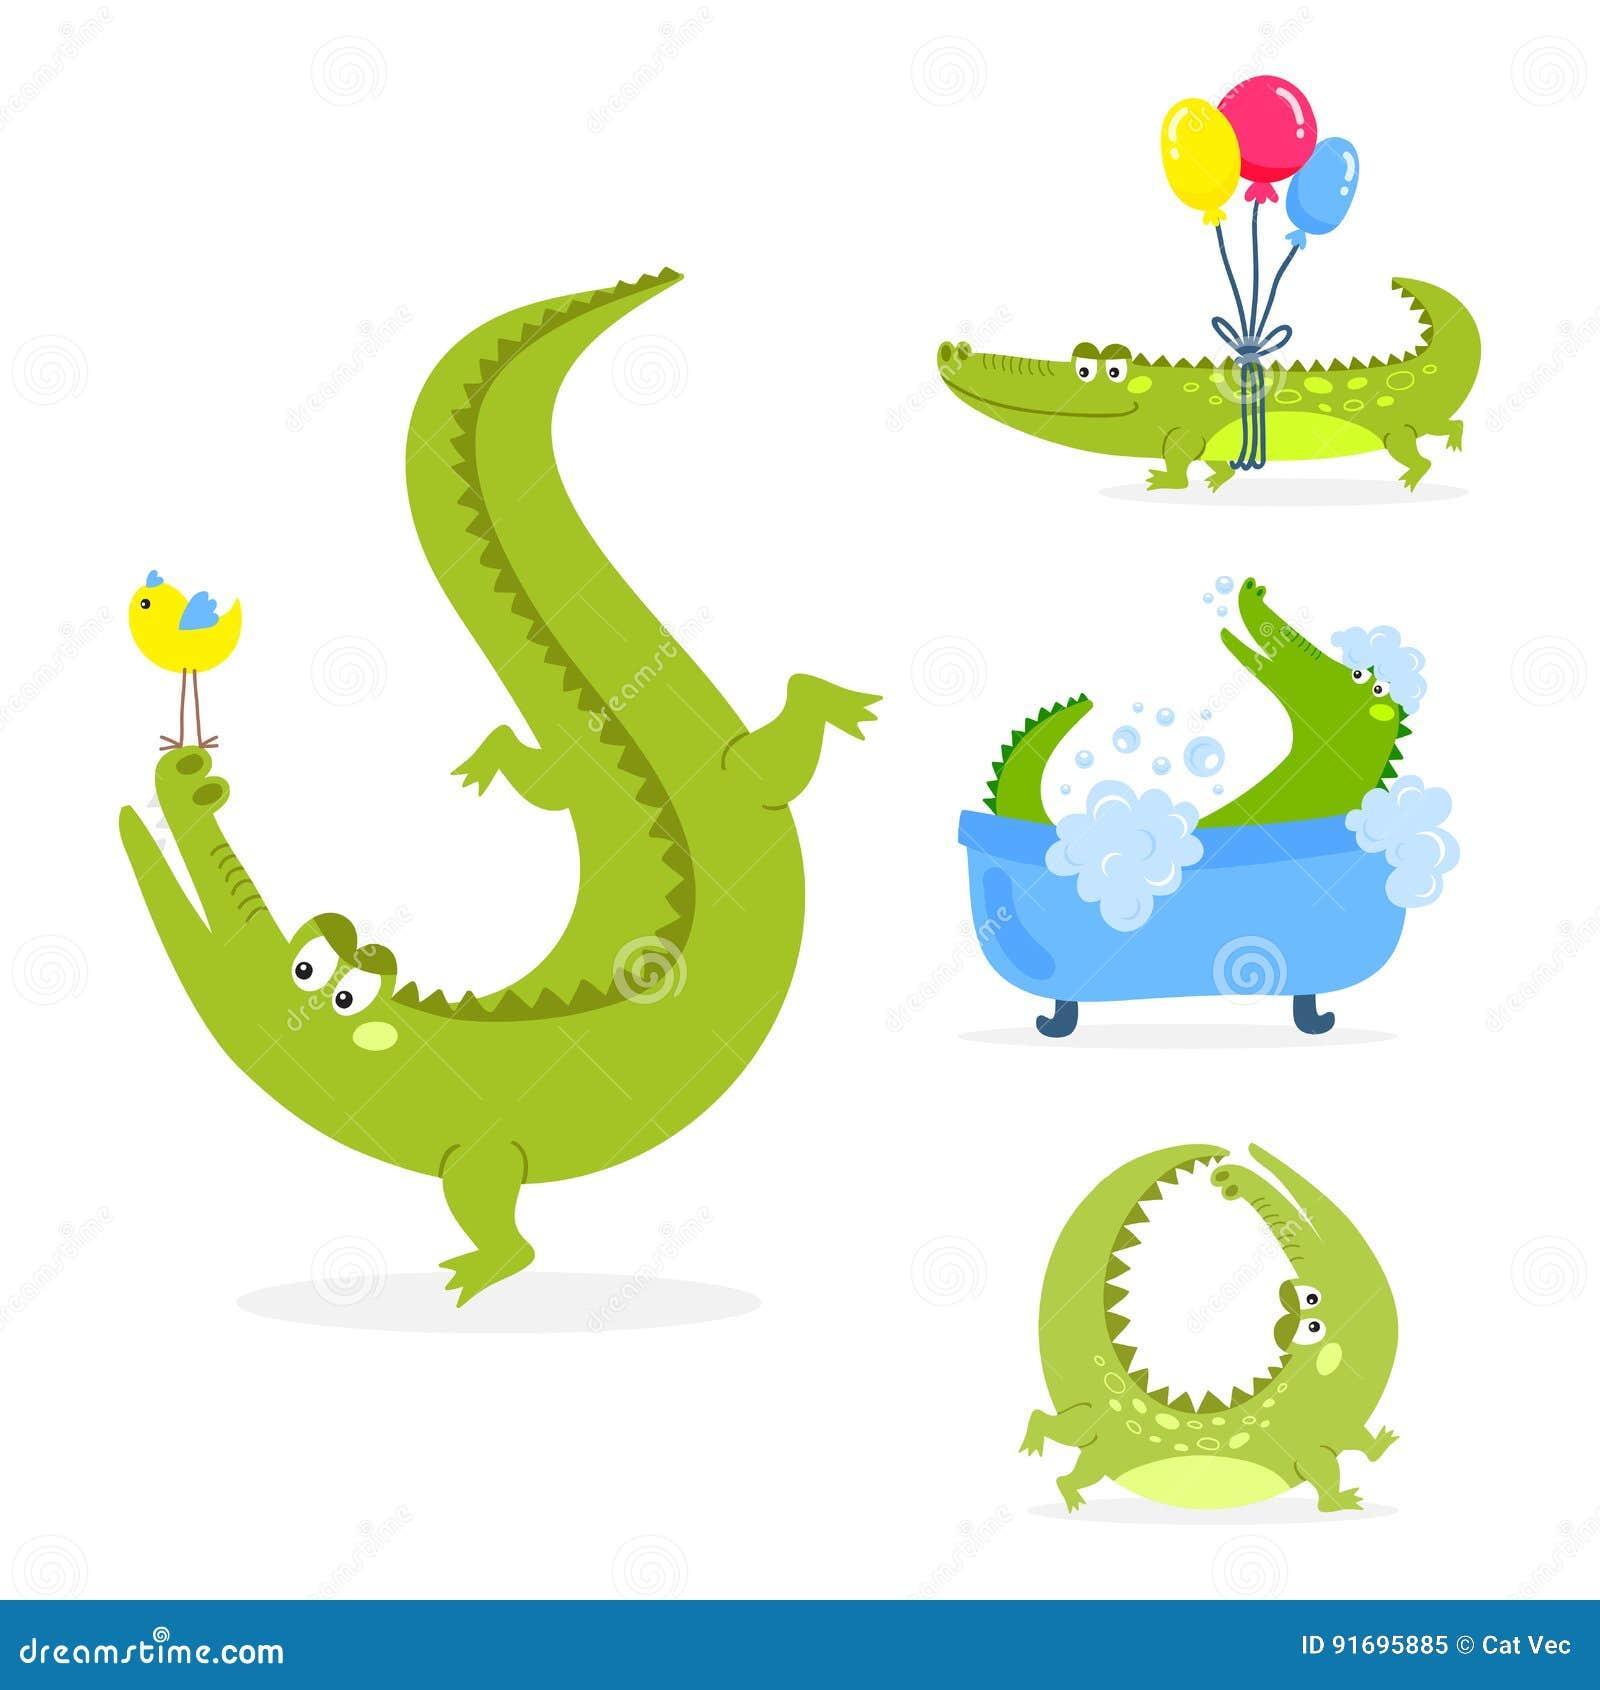 Аллигатора гада реки живой природы хищника крокодила шаржа иллюстрация вектора зеленого смешного австралийского плоская